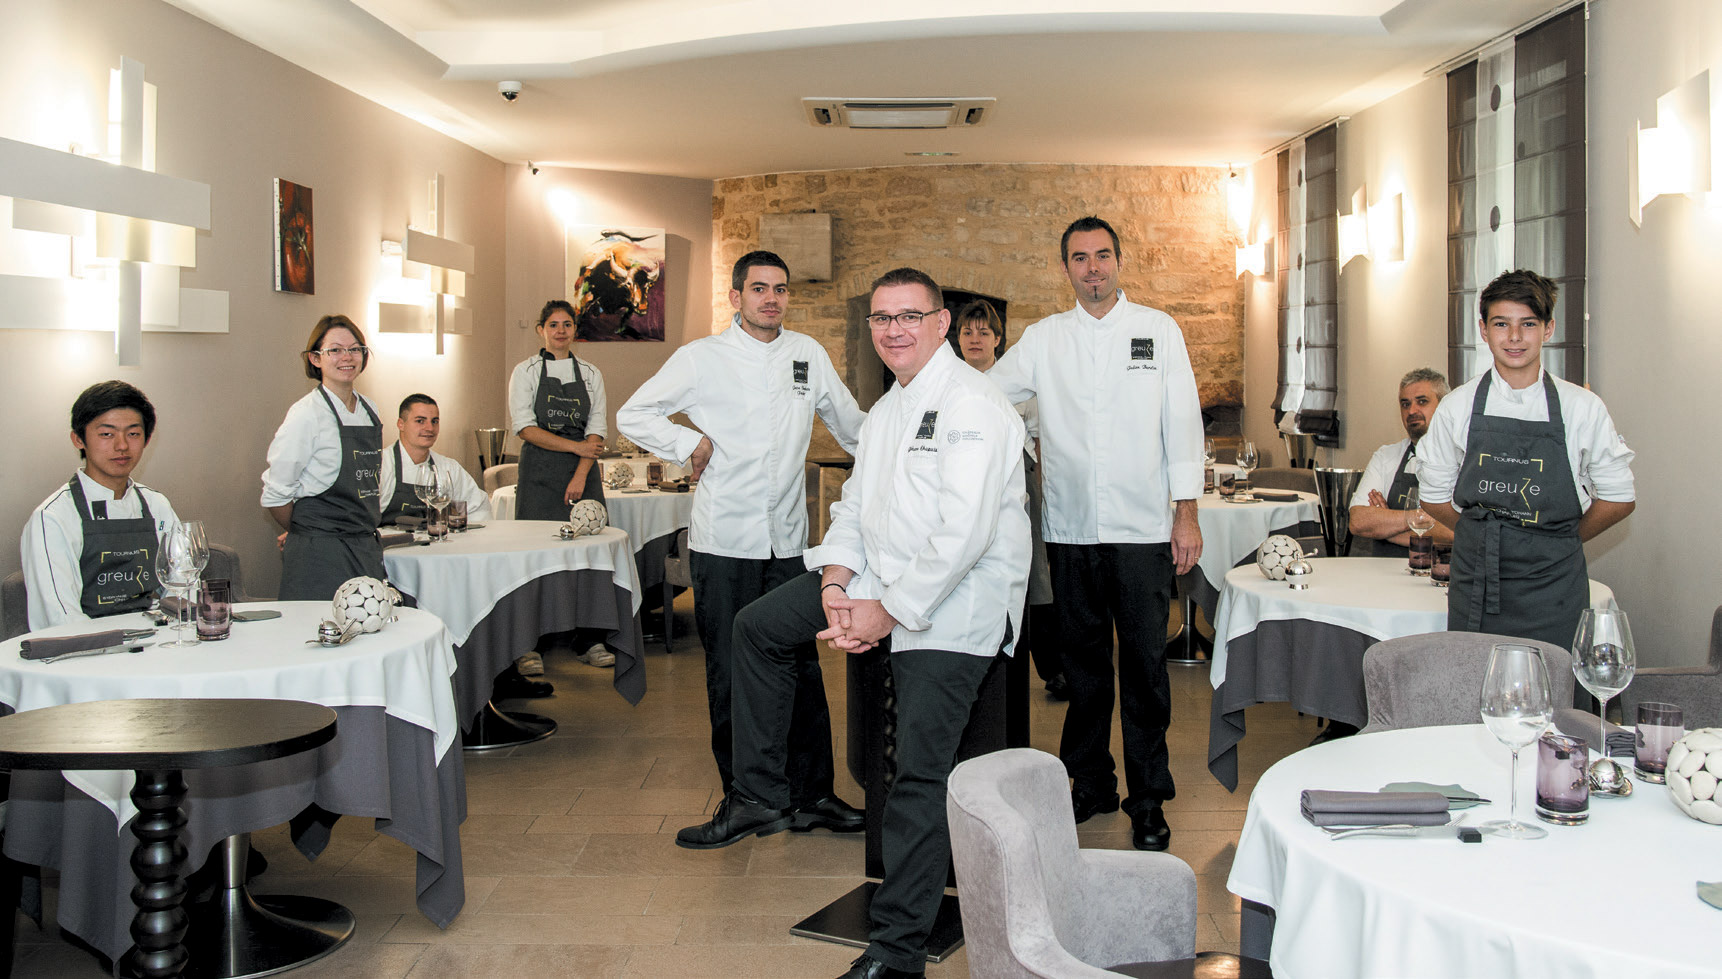 Restaurant Greuze - Yohann Chapuis